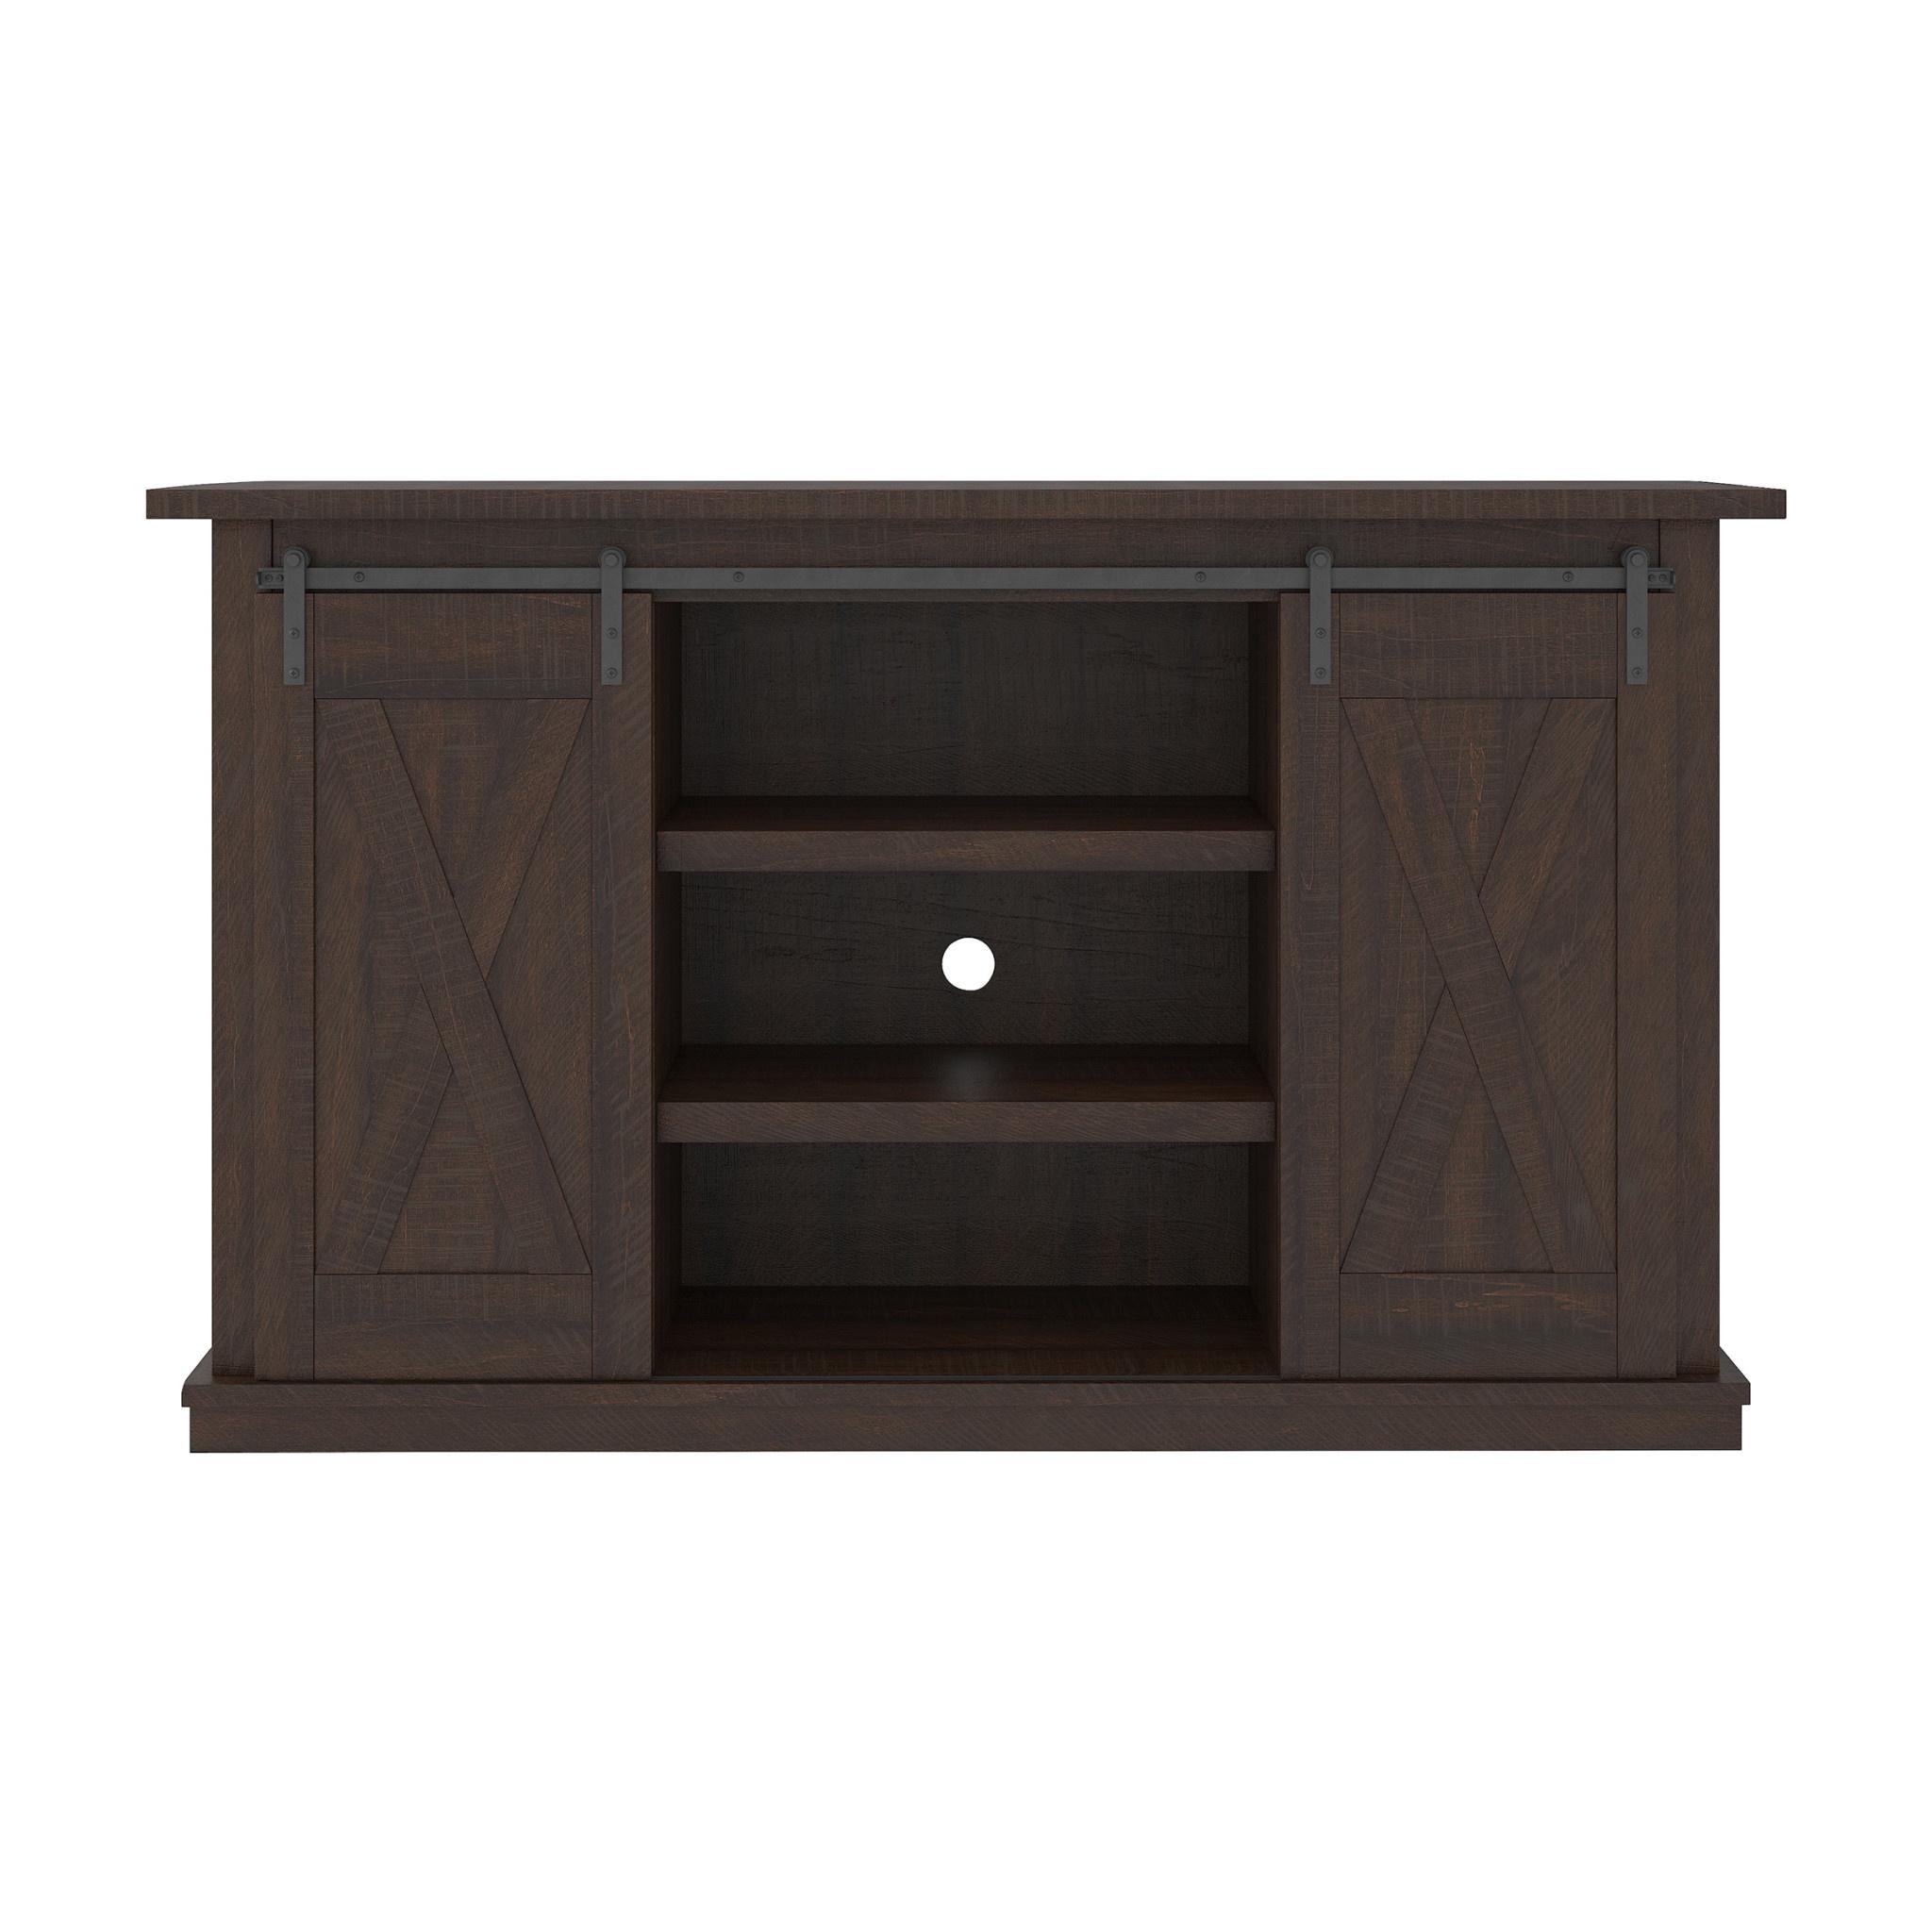 """Signature Design """"Camiburg""""- Medium TV Stand- Warm Brown- W283-48"""